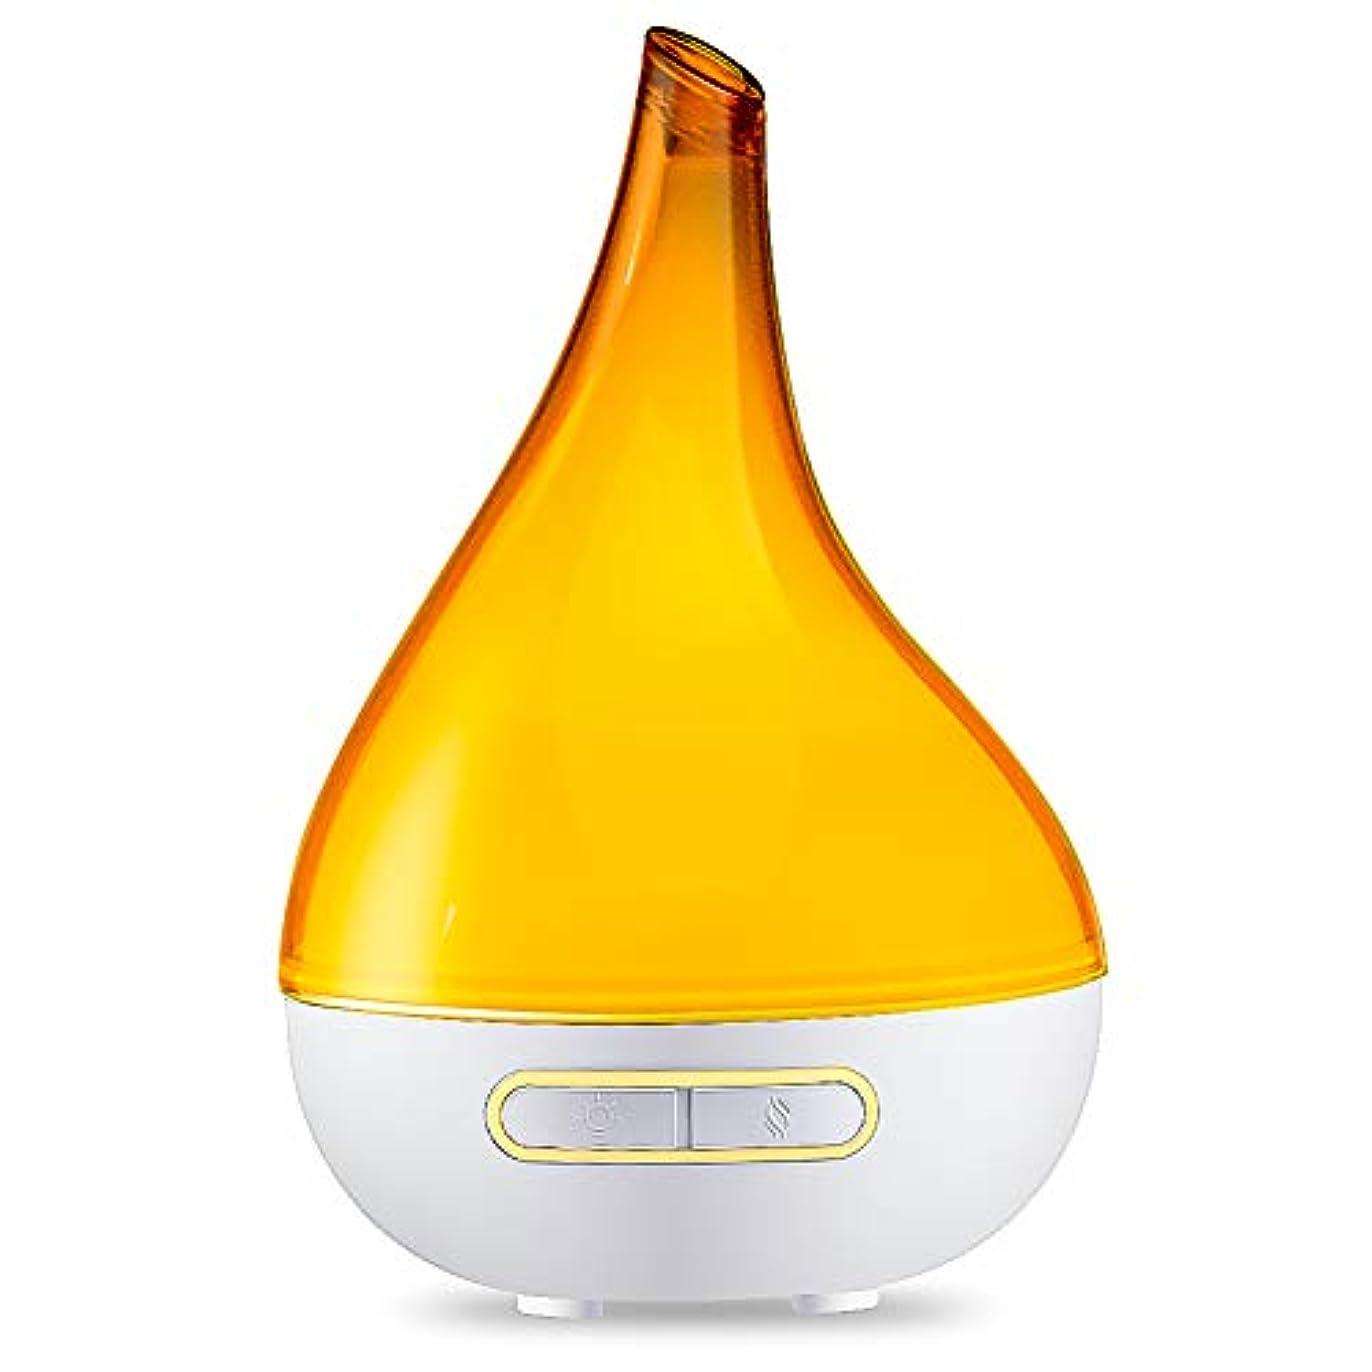 宇宙のリテラシー元に戻す超音波 エッセンシャル オイル ディフューザー 電気 涼しい霧の加湿器 調節可能なミスト付け アロマディフューザー 夜間照明付き 赤ちゃんの家-オレンジ 15x23.7cm